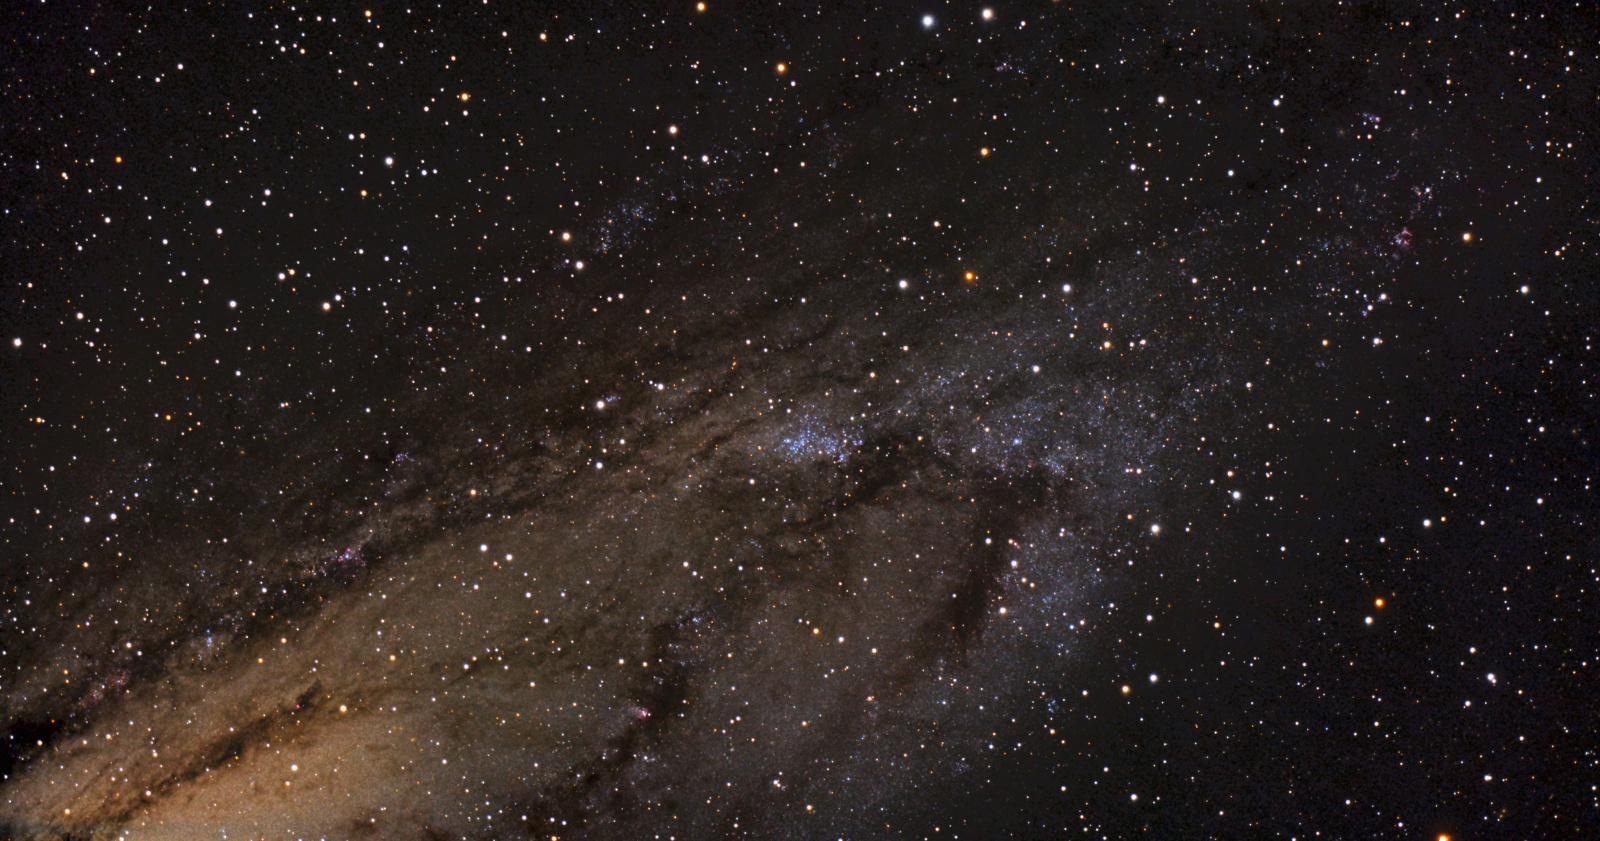 NGC_206all.thumb.jpg.ecfbf7749ebe35652e1ef947b5e9a564.jpg